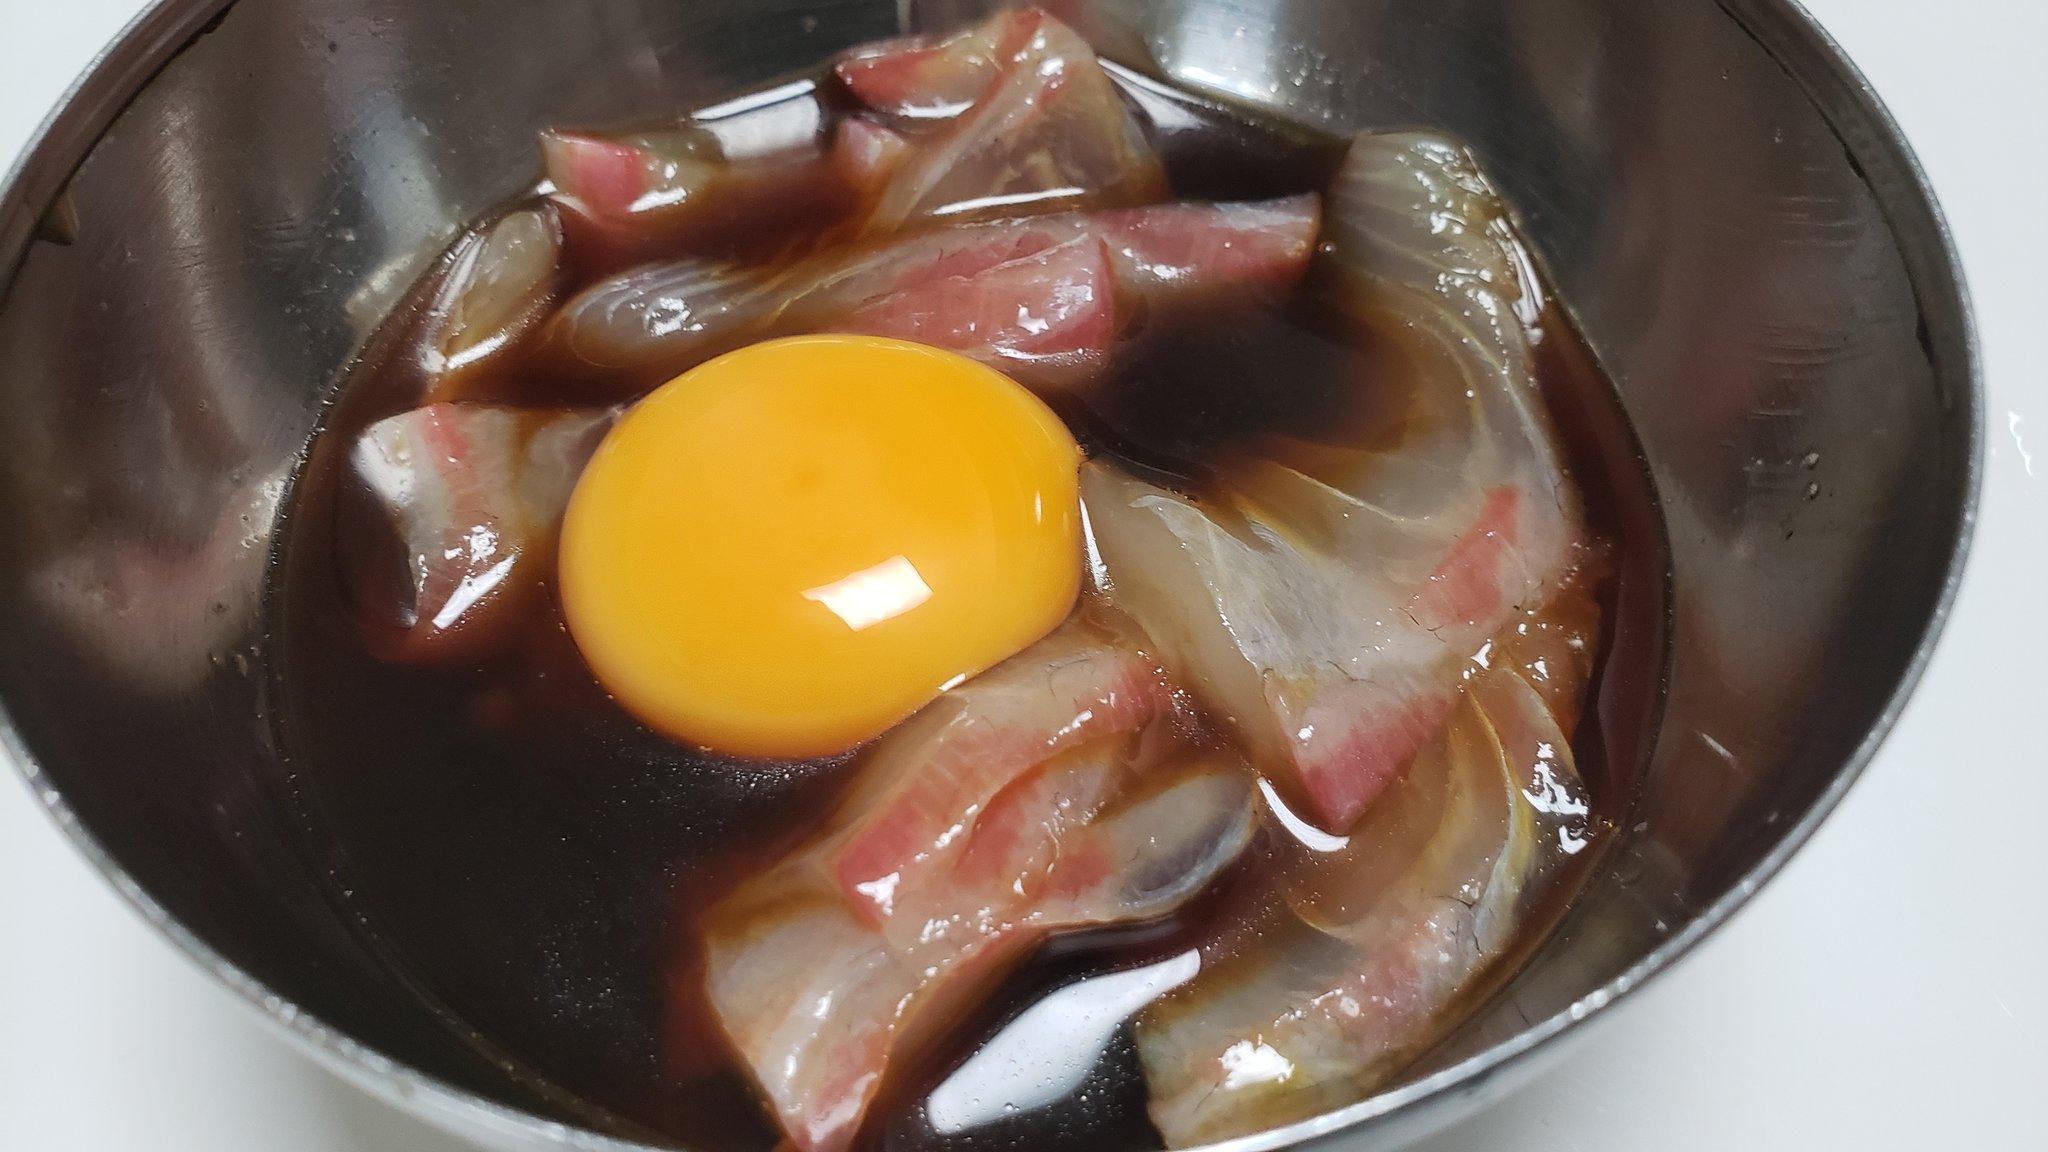 刺身に卵黄のコクがたまらない!?夏でも食欲が湧く「ひゅうが飯」の作り方!